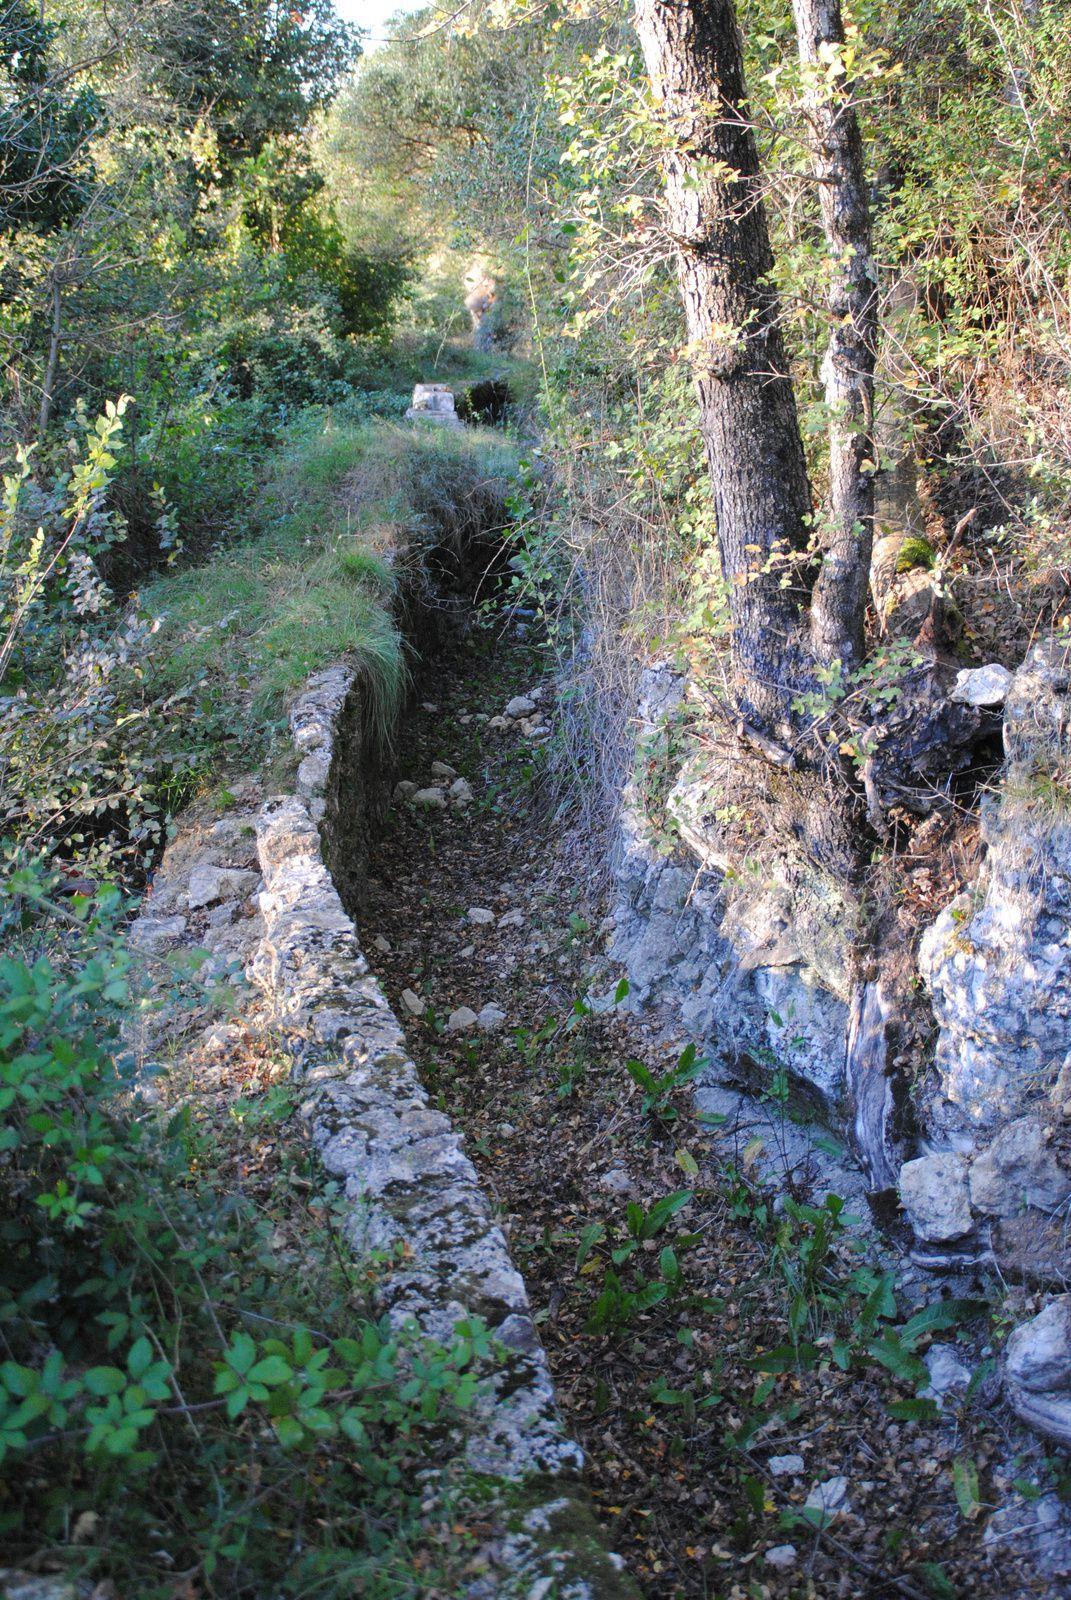 Aqueduc de Fondurane et sa réserve ornithologique balades d'ici et d'ailleurs